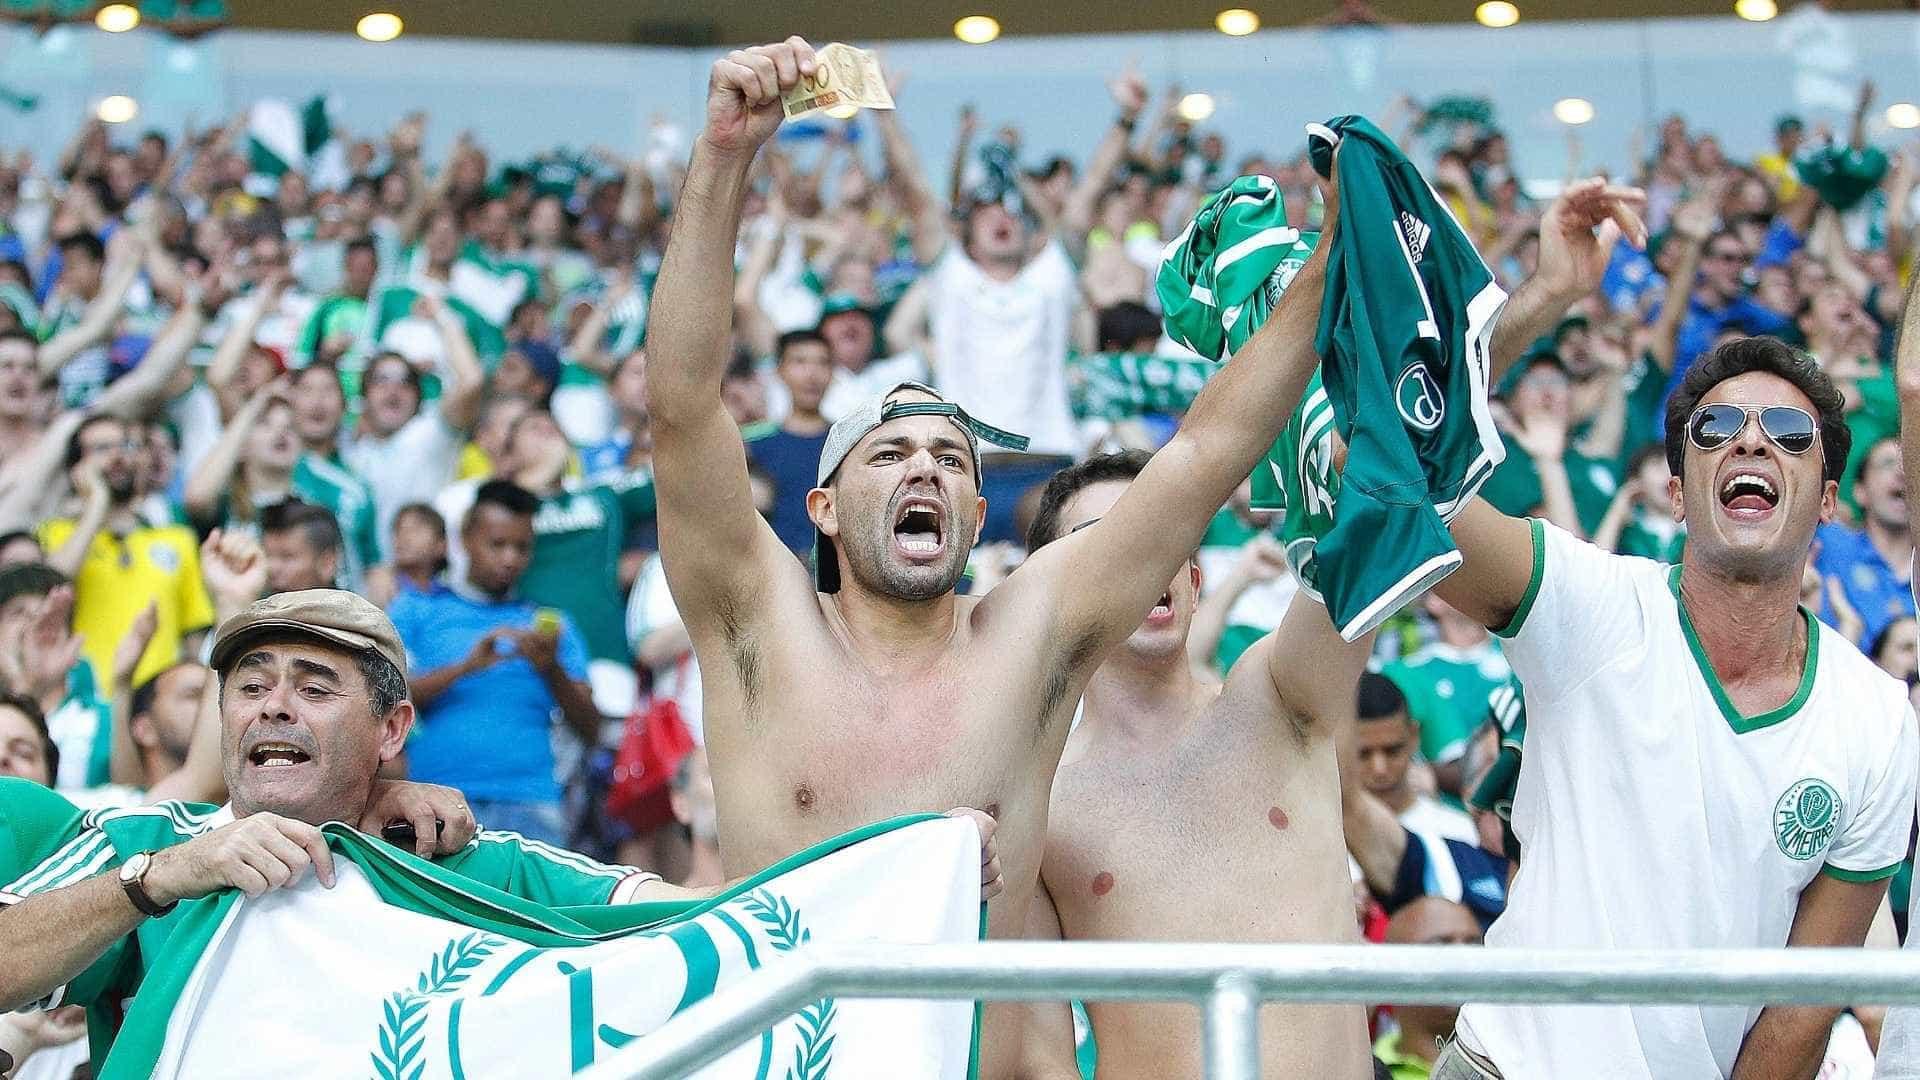 Torcida do Palmeiras comemora gol do 'visitante' Corinthians